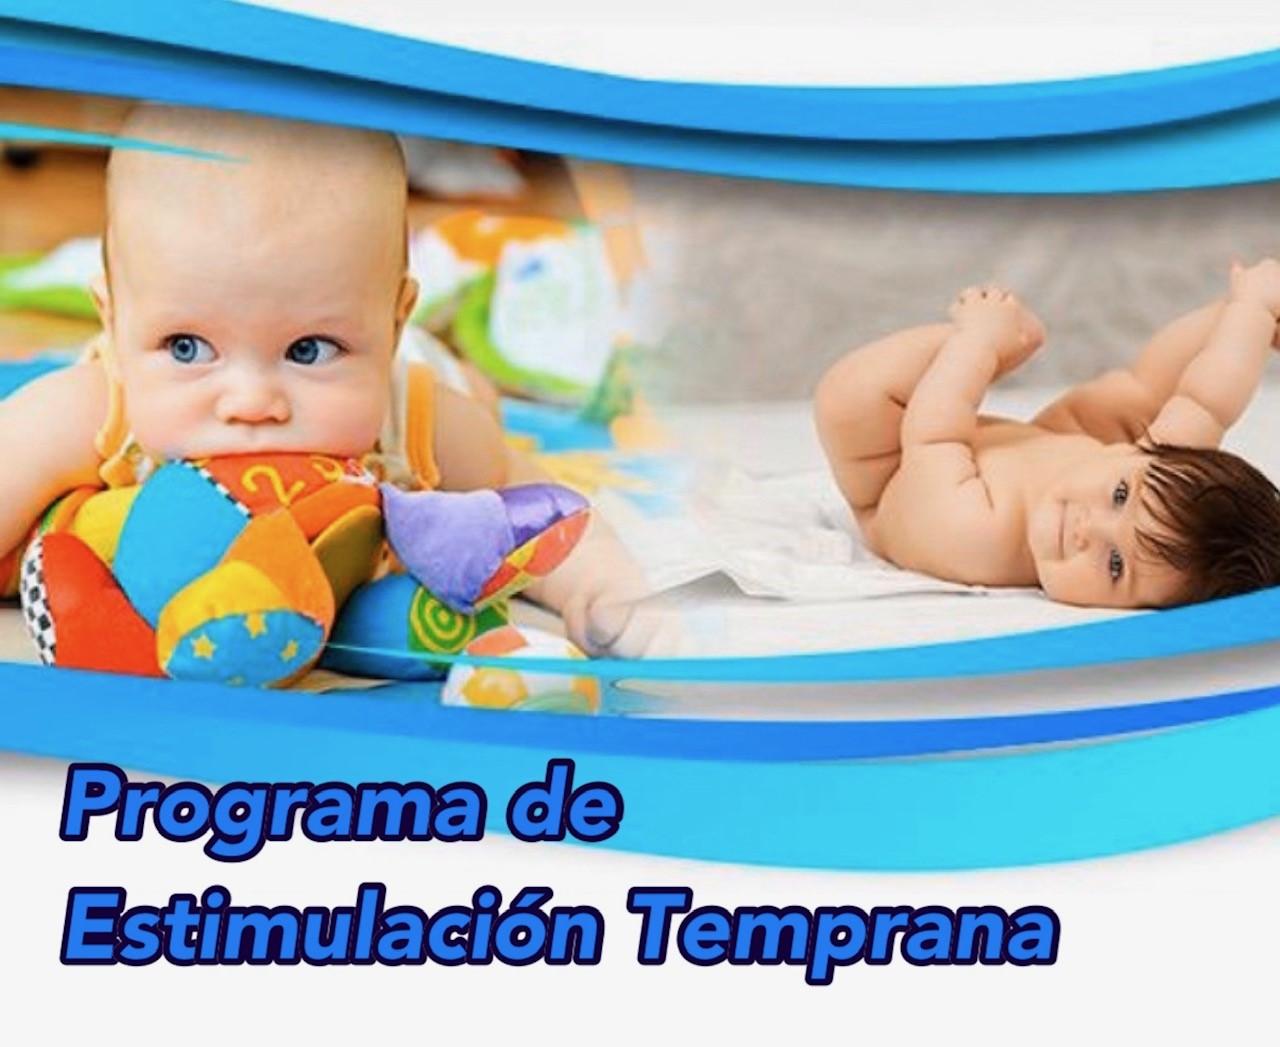 Course Image Módulo VI. Programa de Estimulación